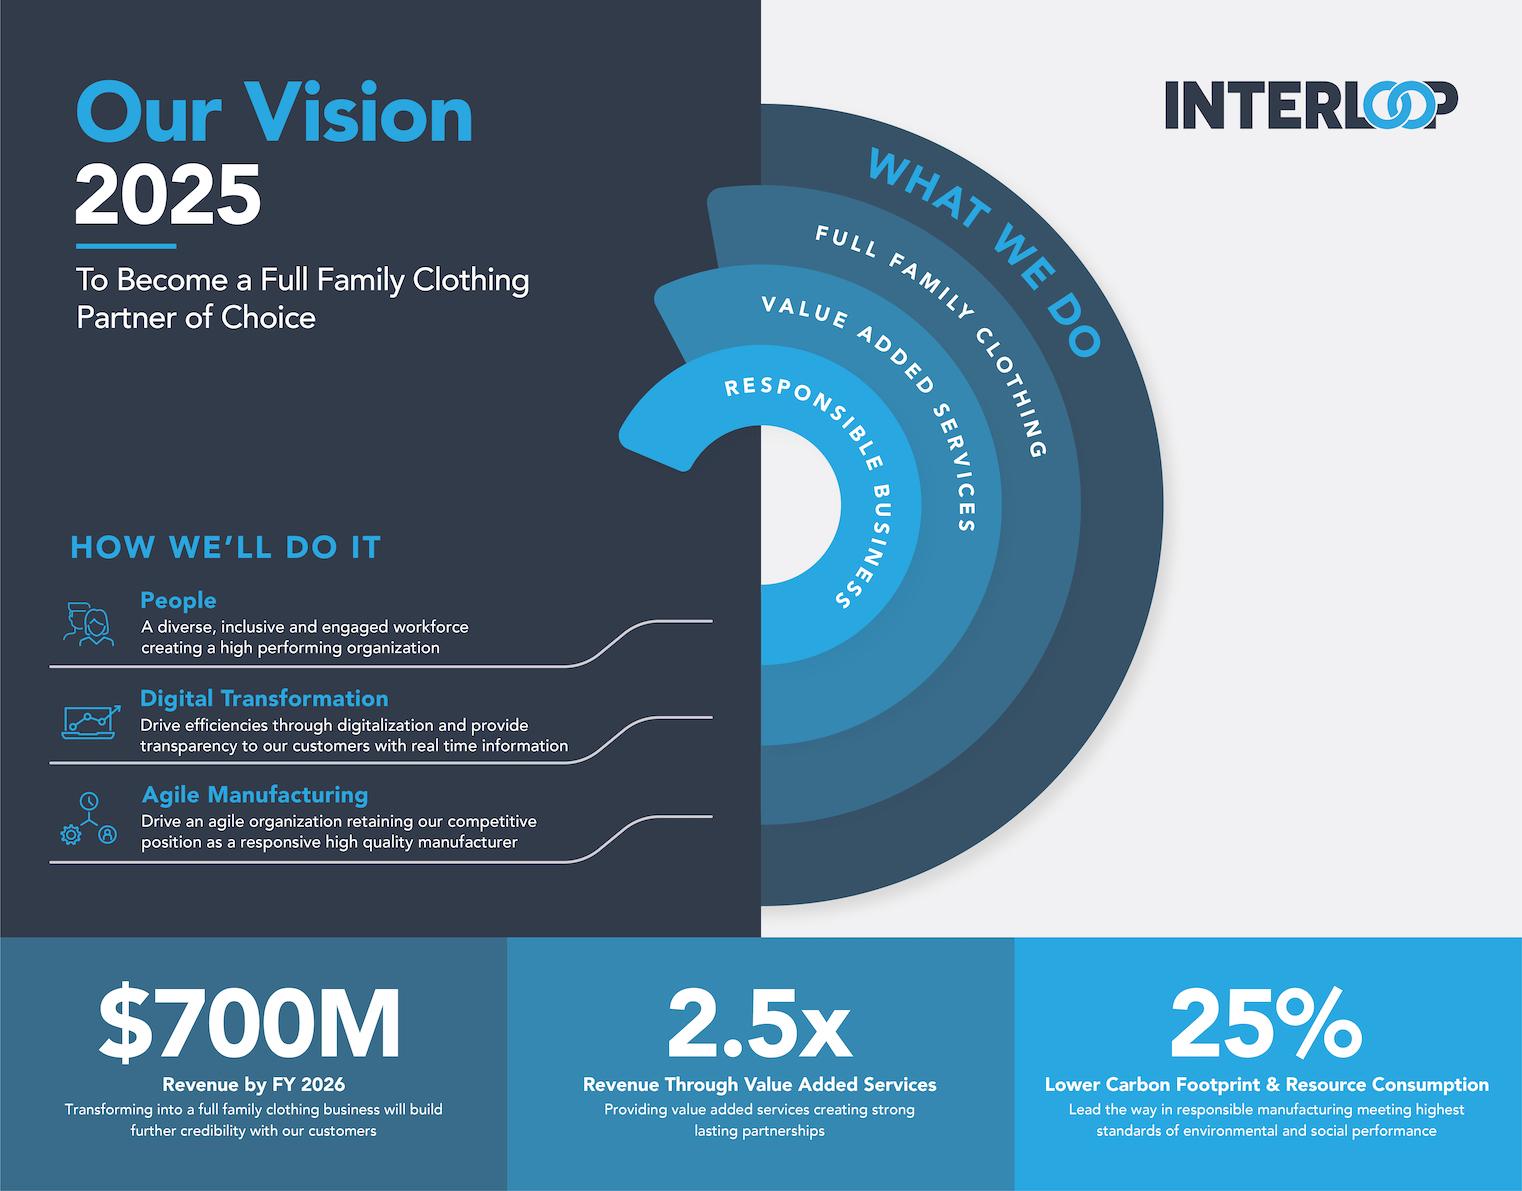 Interloop's Vision 2025